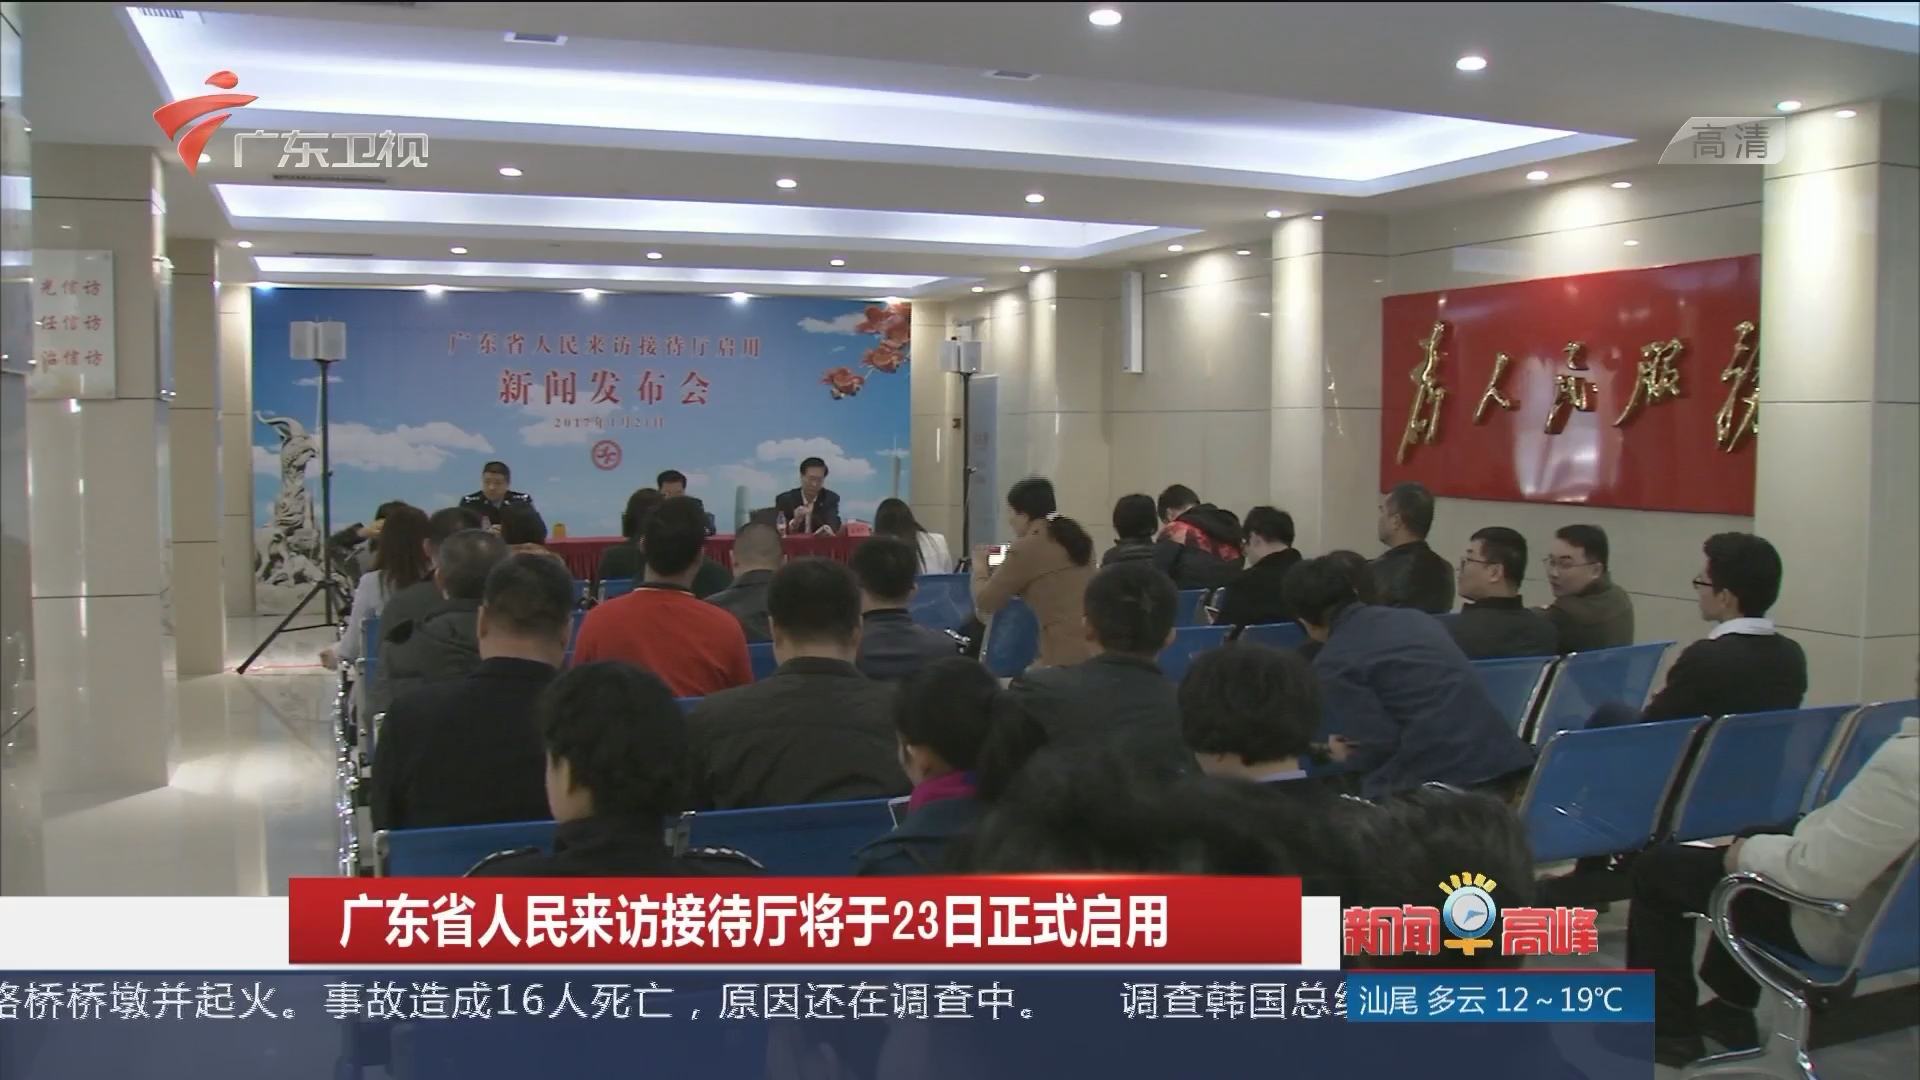 广东省人民来访接待厅将于23日正式启用